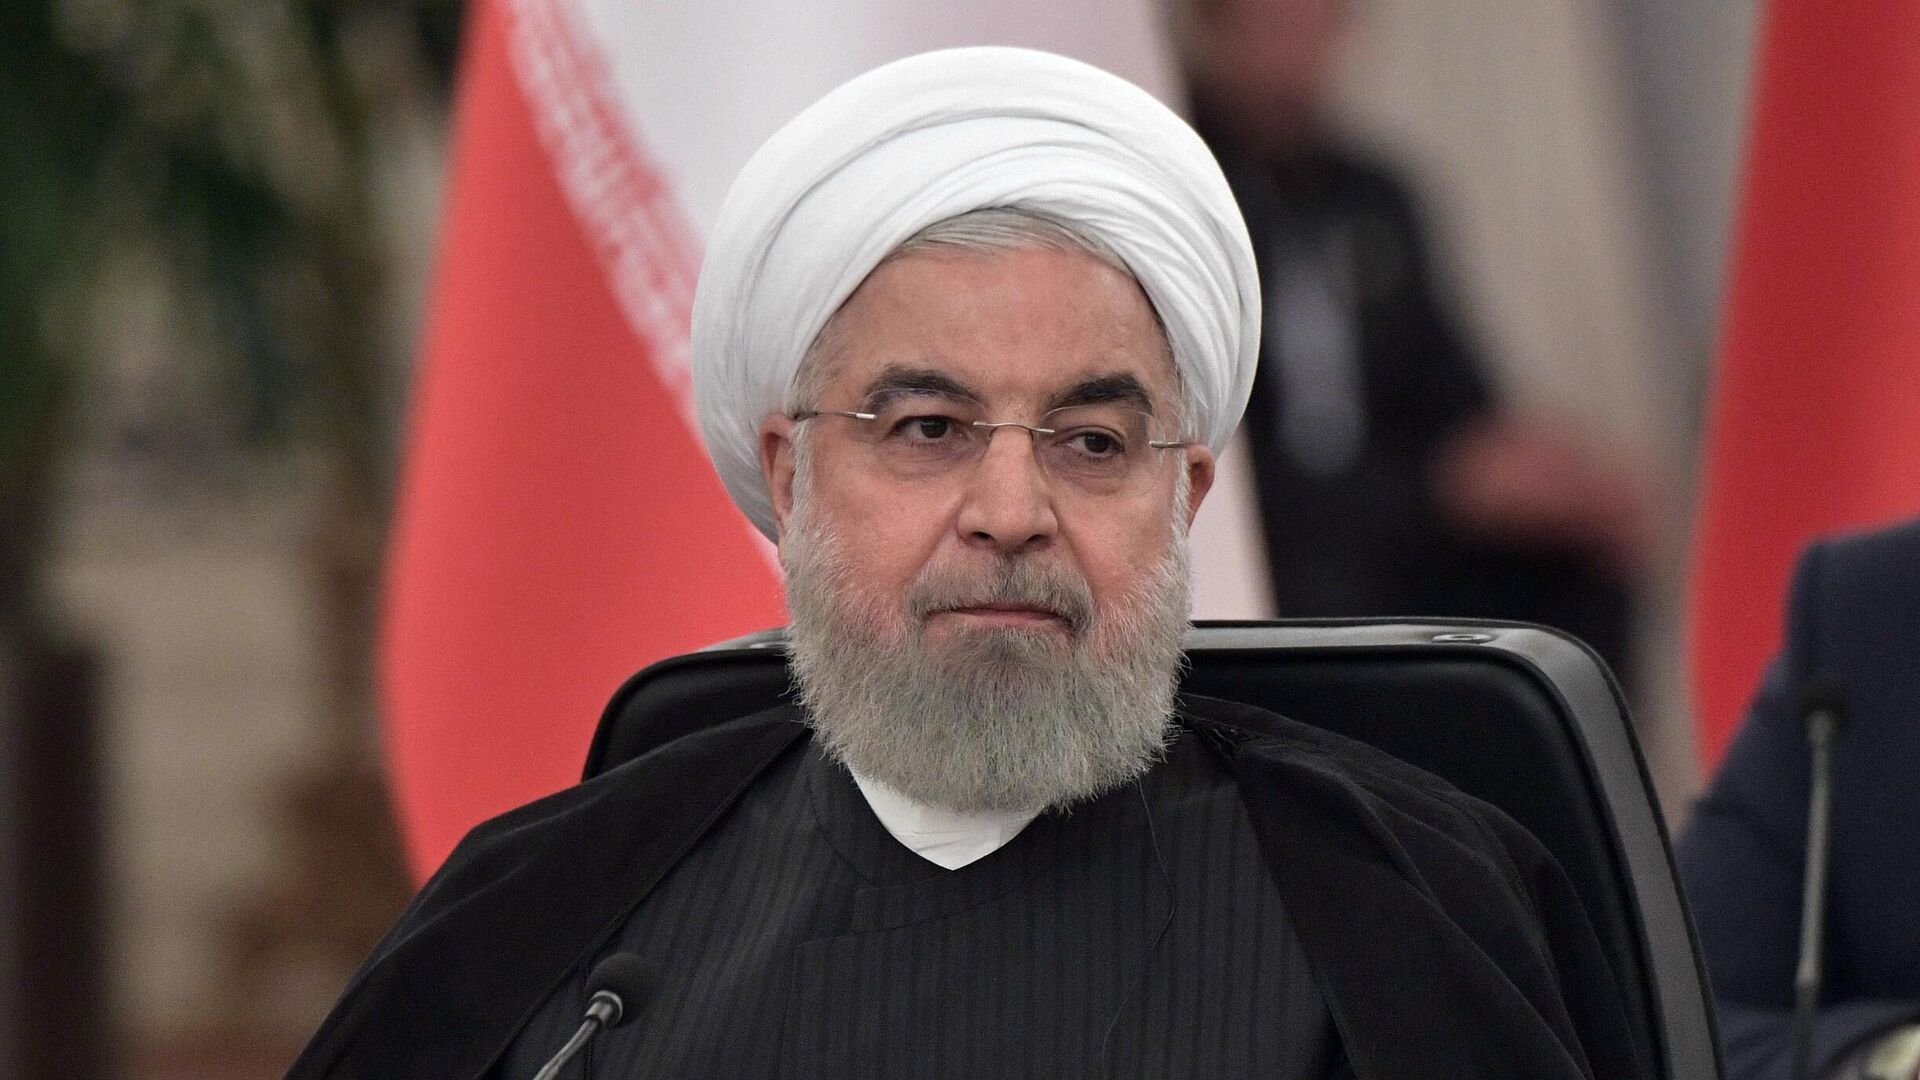 Президент Ирана Хасан Рухани на V встрече глав государств - гарантов Астанинского процесса содействия сирийскому урегулированию - РИА Новости, 1920, 08.11.2020